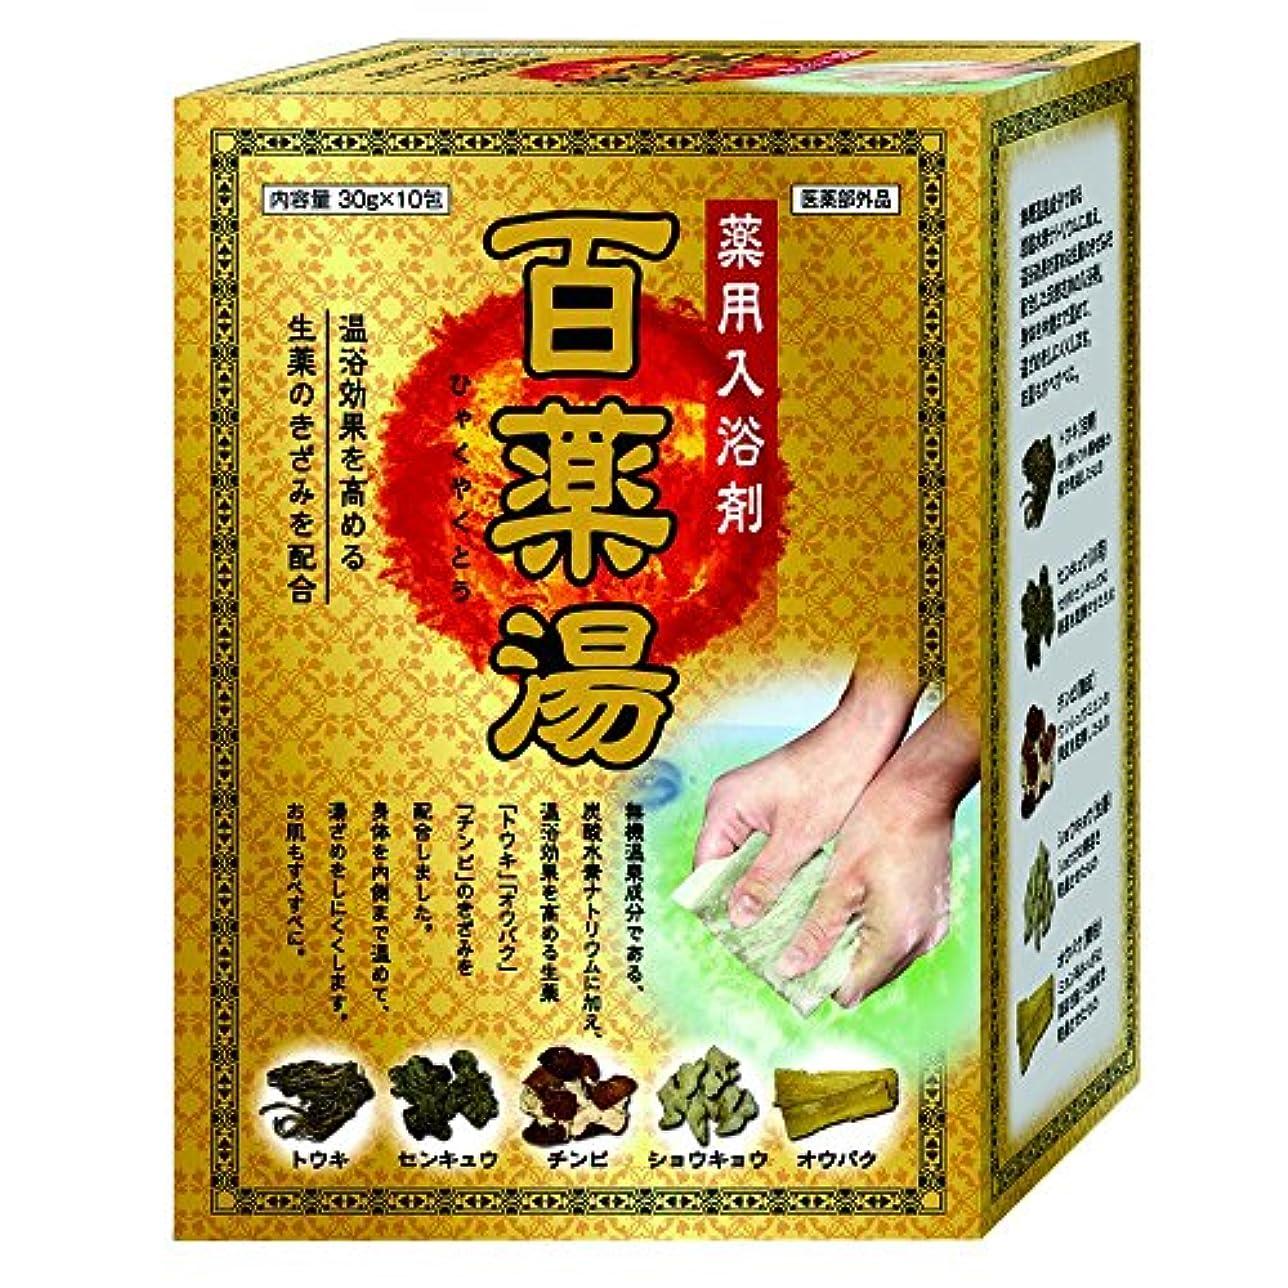 縫い目トラフいたずらな百薬湯 薬用入浴剤 温浴効果を高める生薬のきざみを配合 30g×10包 (医薬部外品)